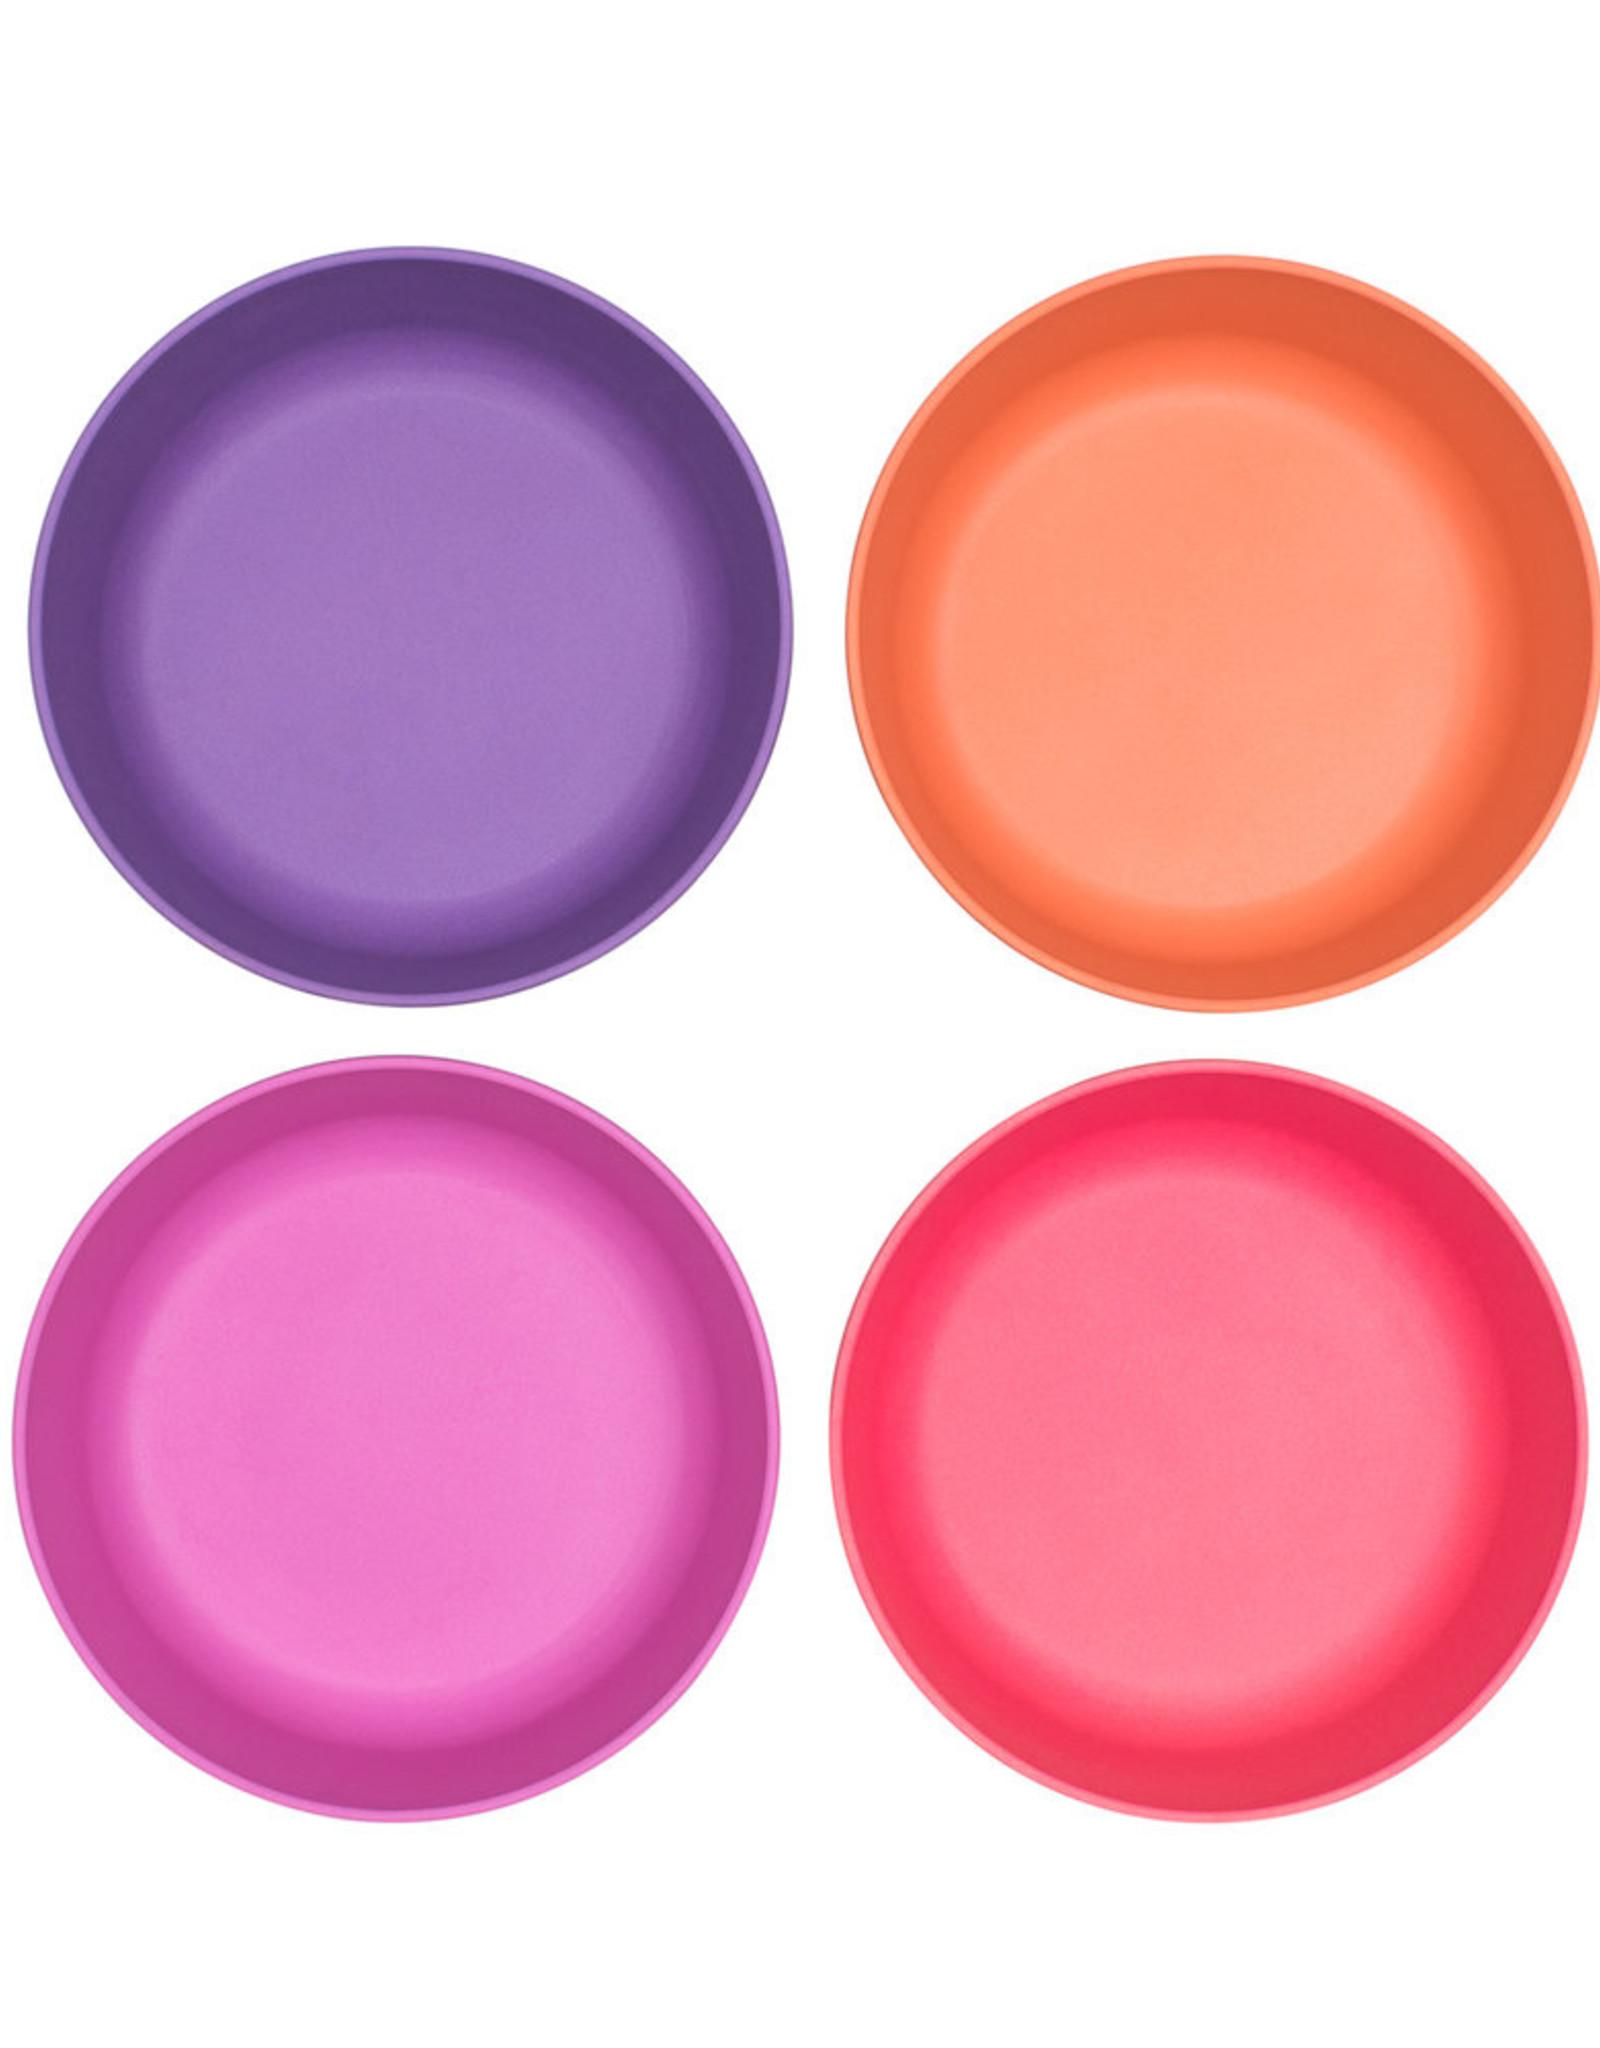 bobo & boo Bamboe bowl set - Sunset pink